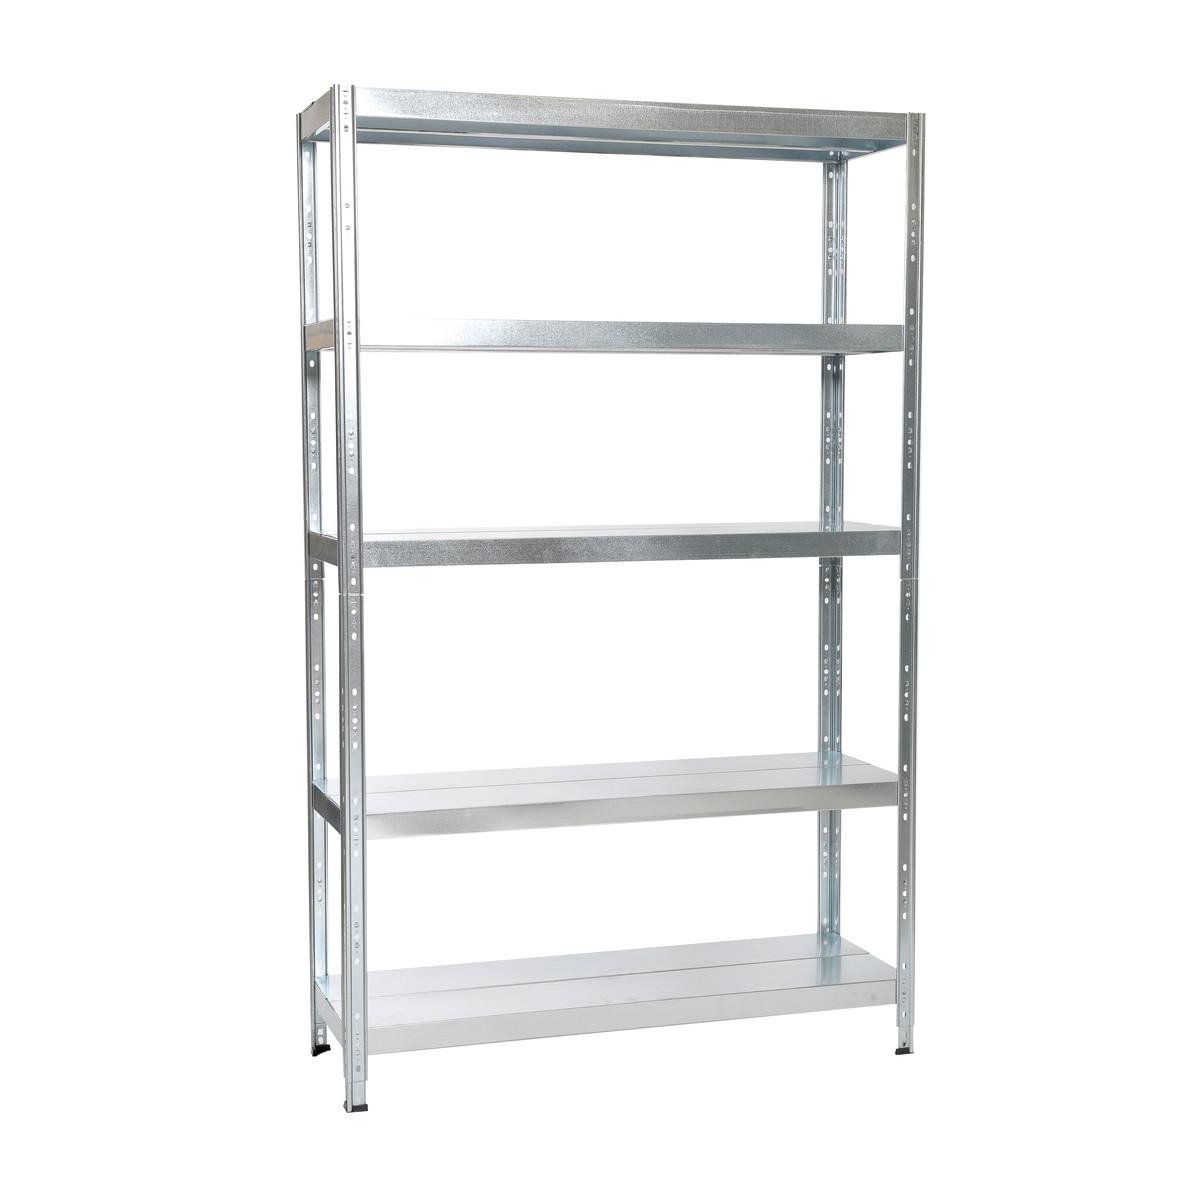 Scaffale zincato 60x27x140 cm ikea hyllis prezzo e for Ikea scaffali metallo